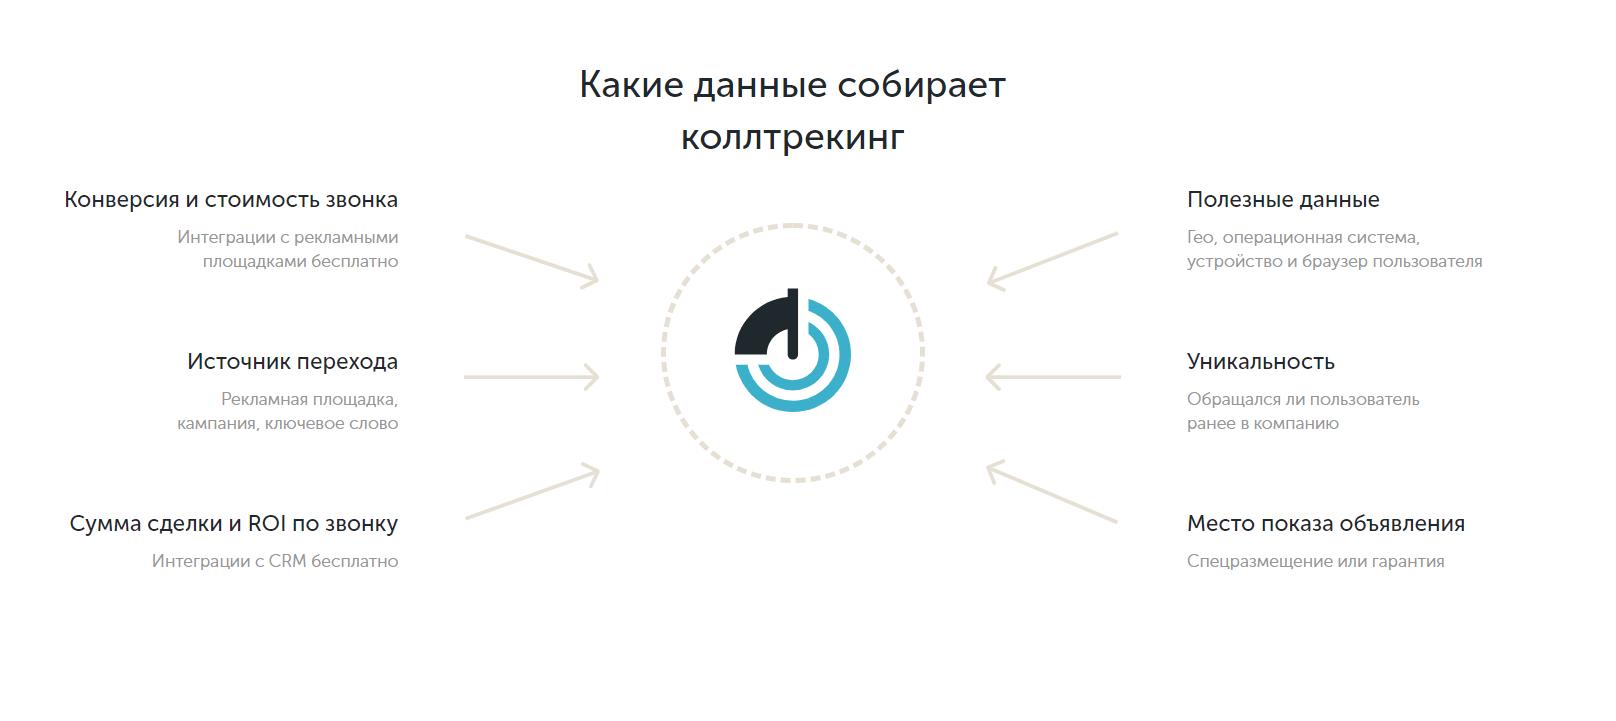 Получаем детальную картину эффективности переходов, которые заканчиваются звонками. Скриншот с calltouch.ru